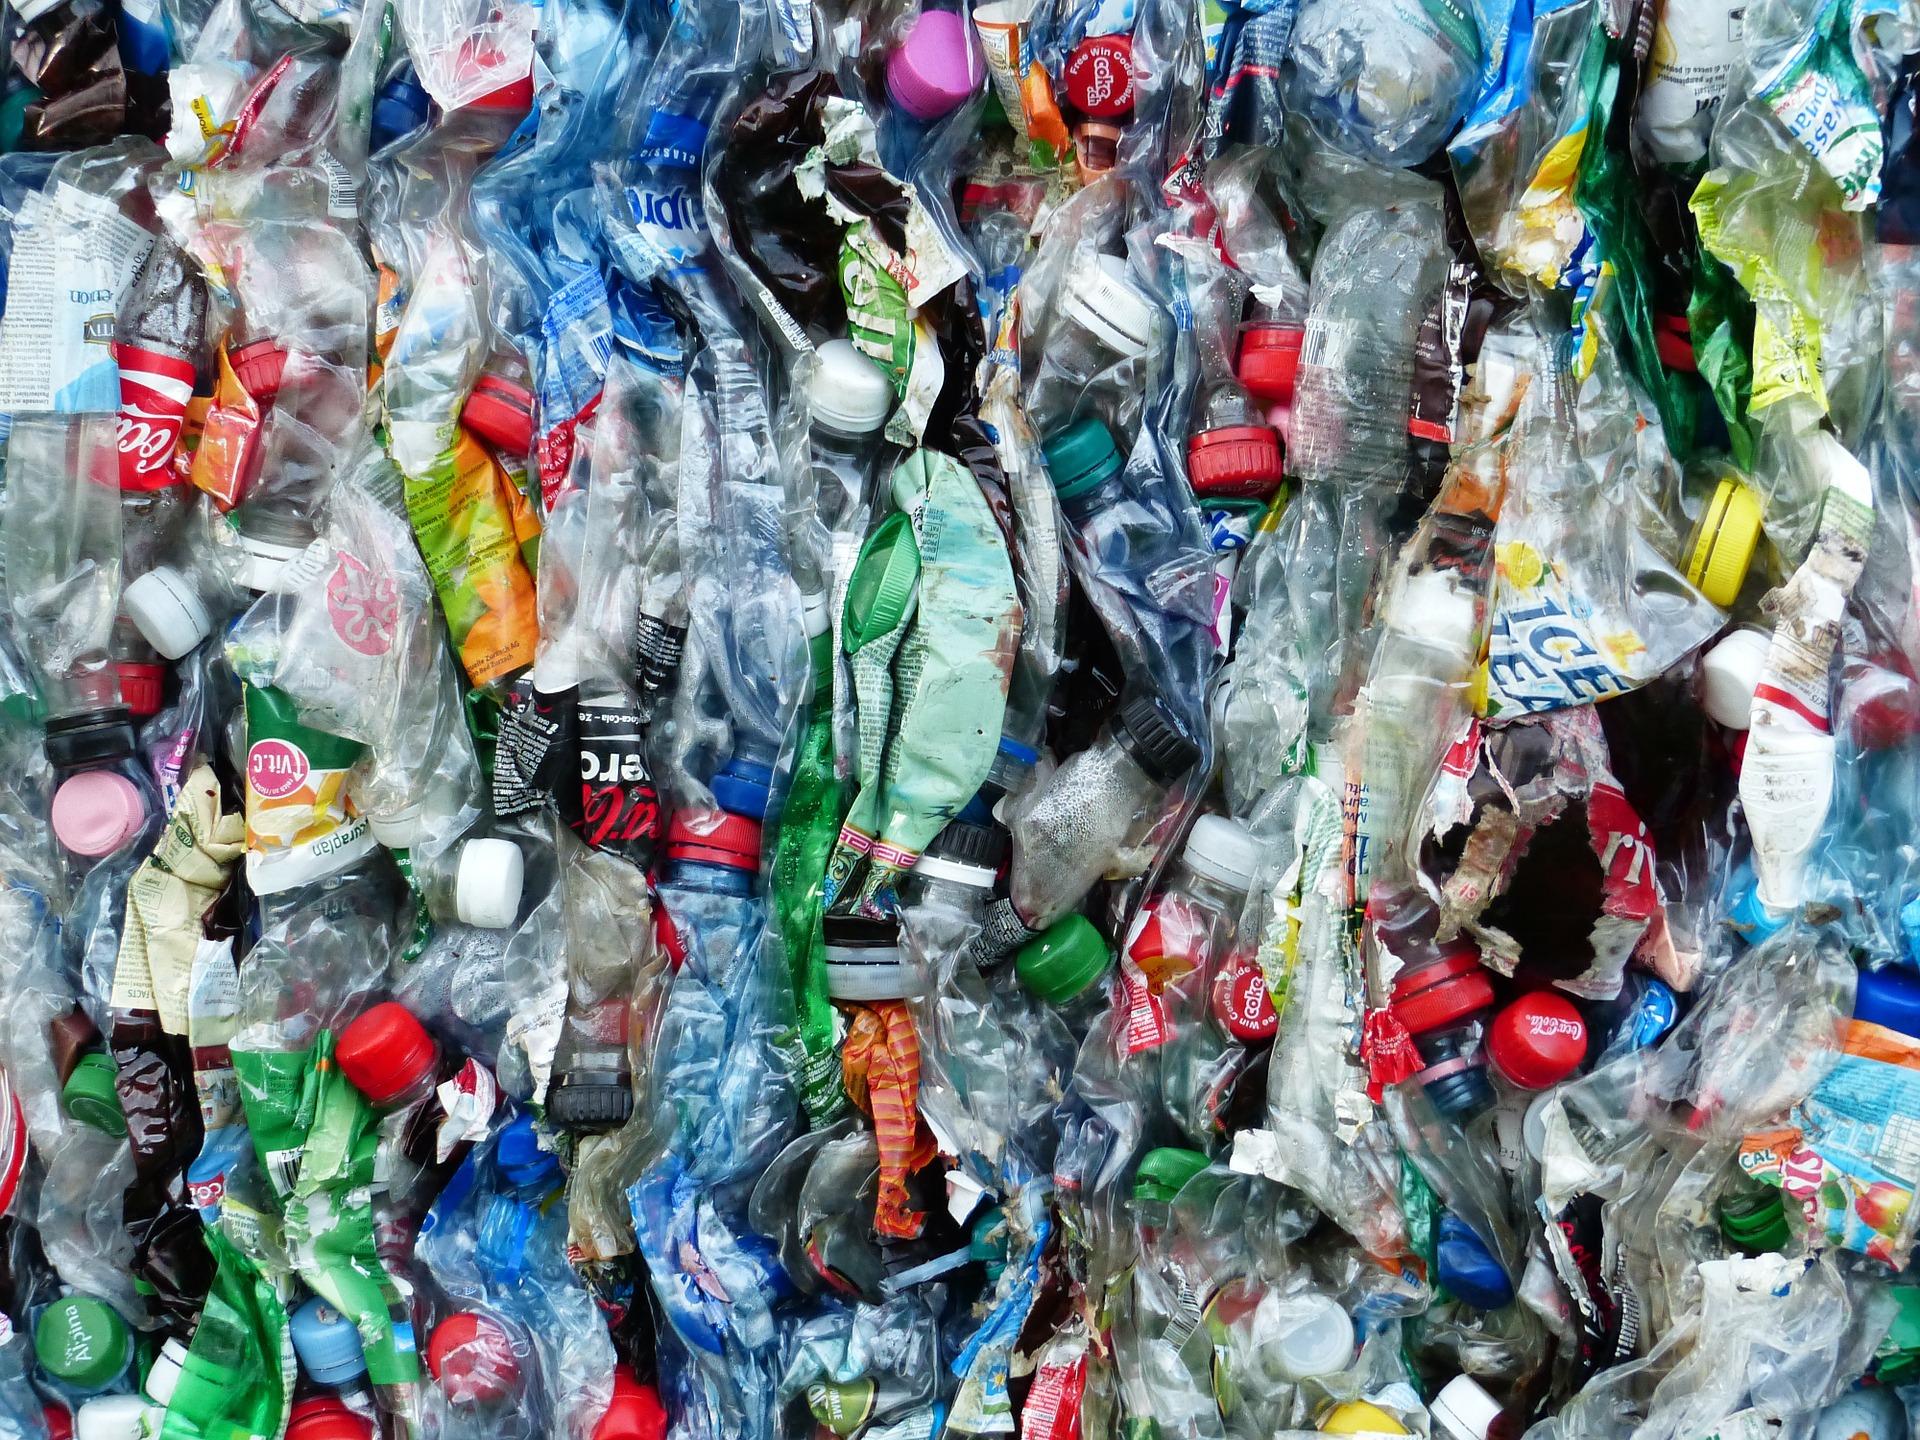 plastic bottles photo by Hans Braxmeier